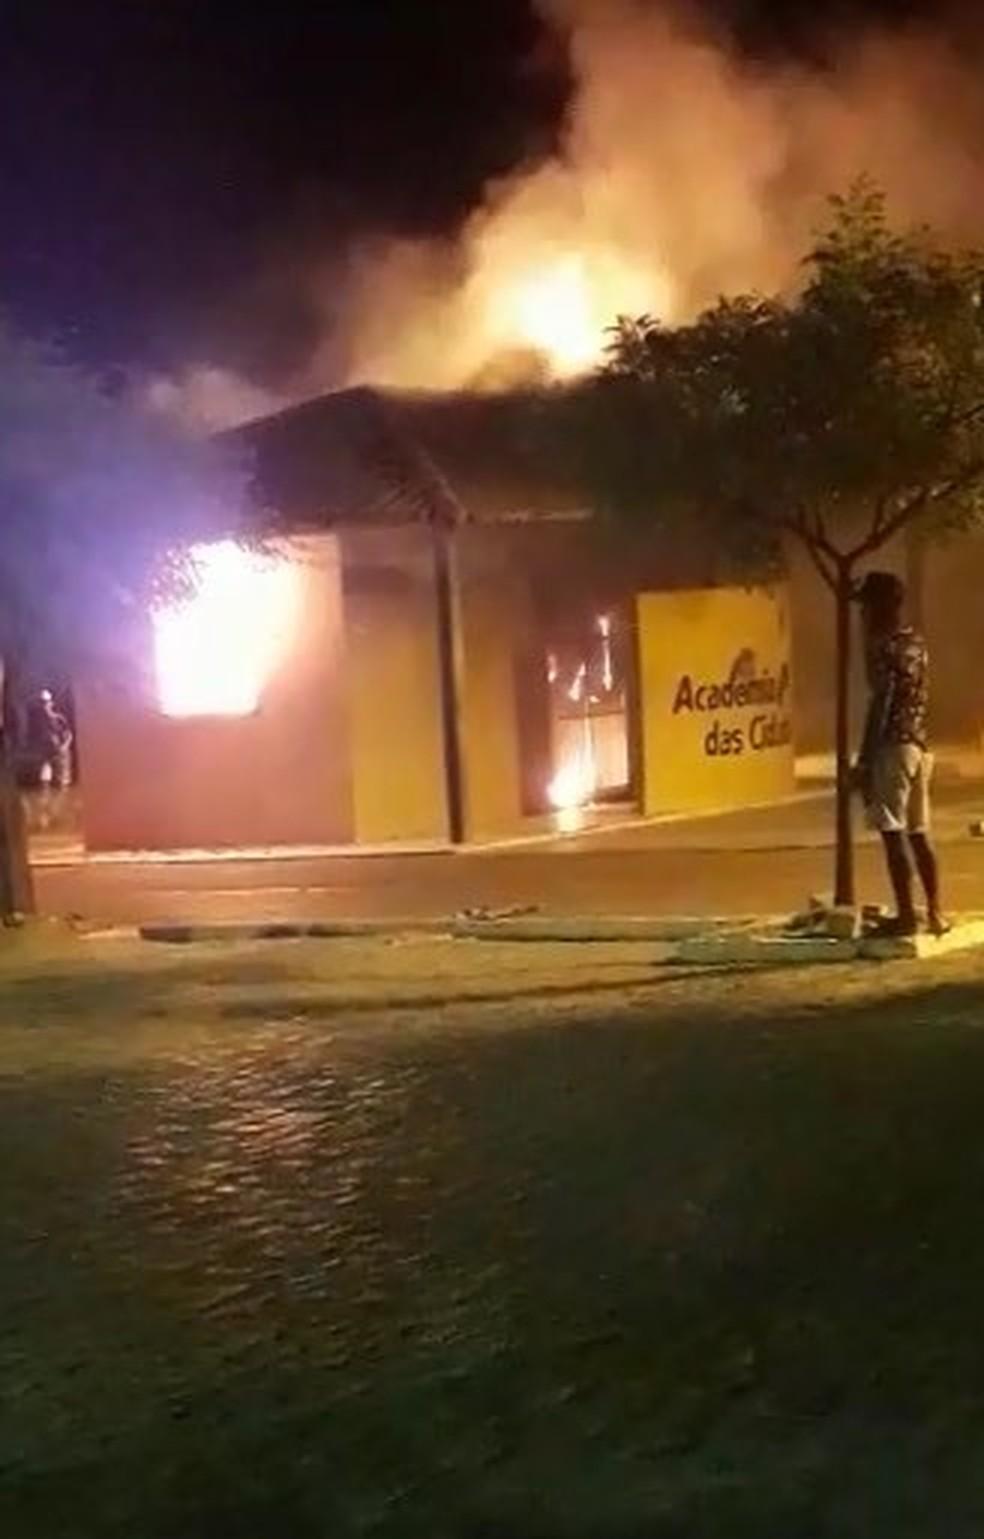 Academia das cidades pega fogo em Belém do São Francisco — Foto: Reprodução/ Redes Sociais